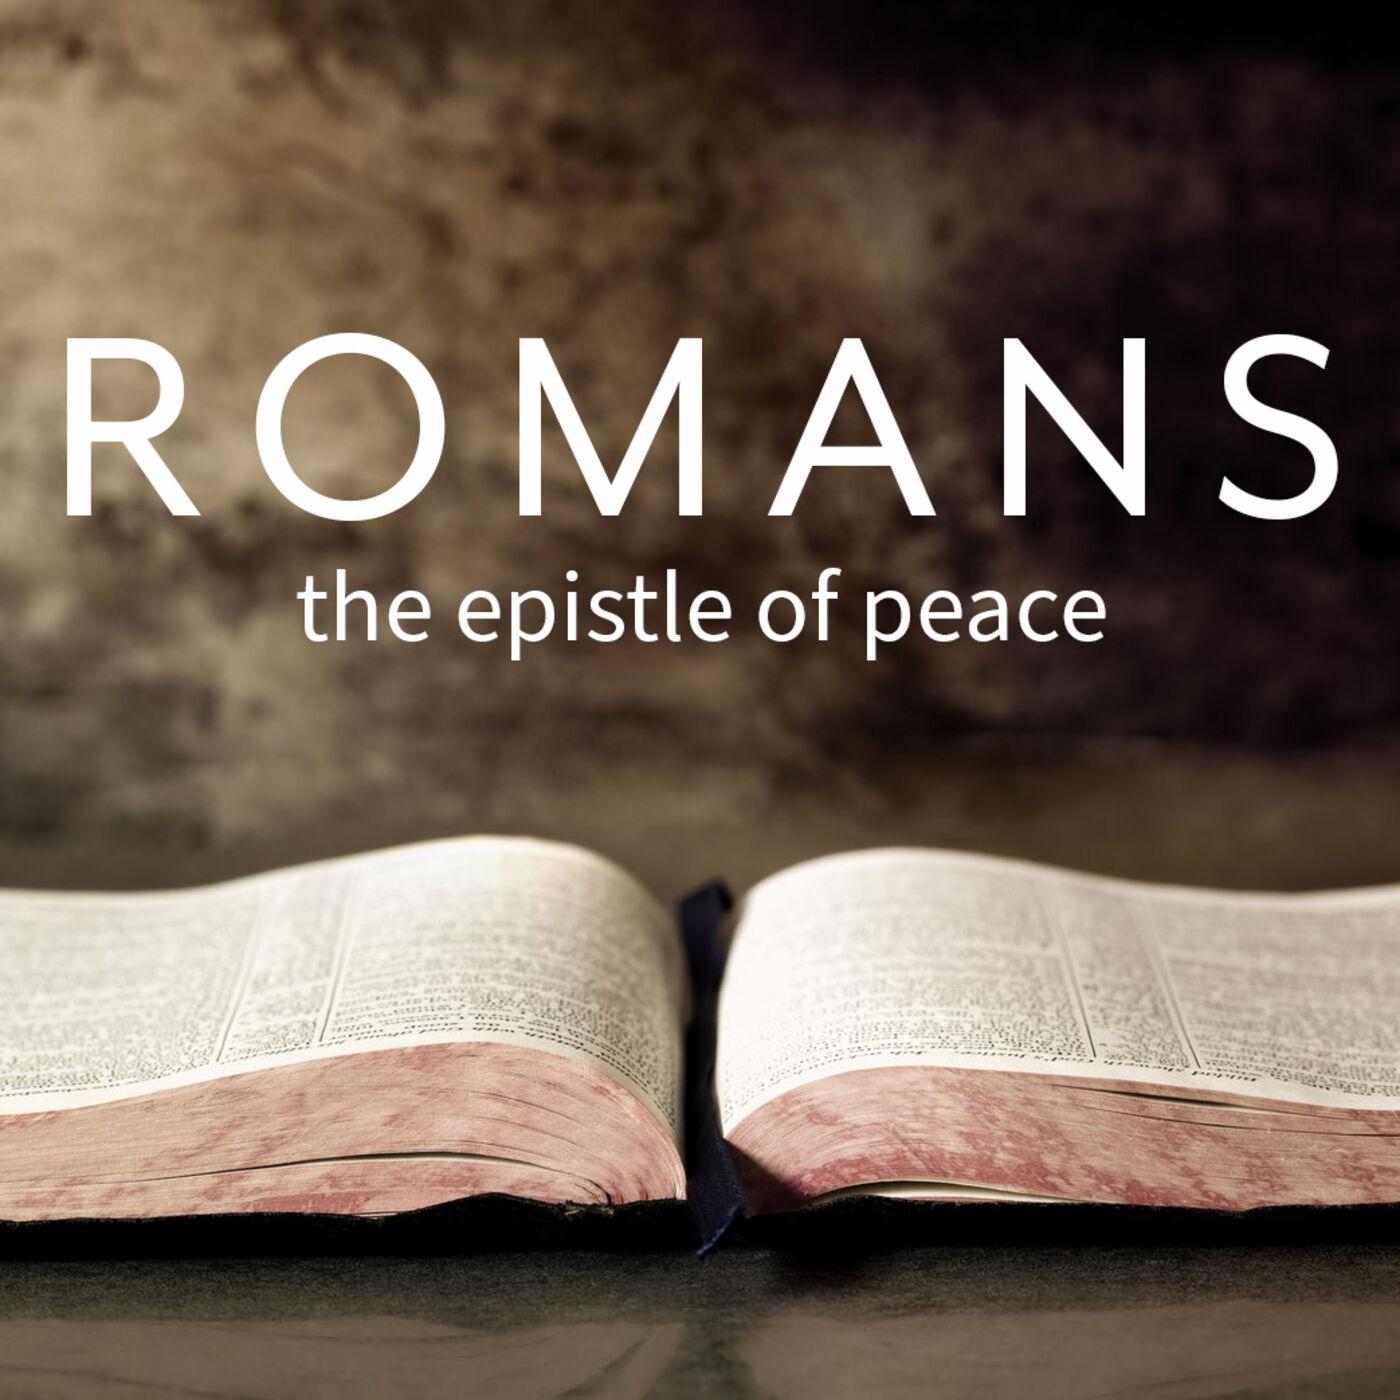 Romans: The Epistle of Peace (part 7)